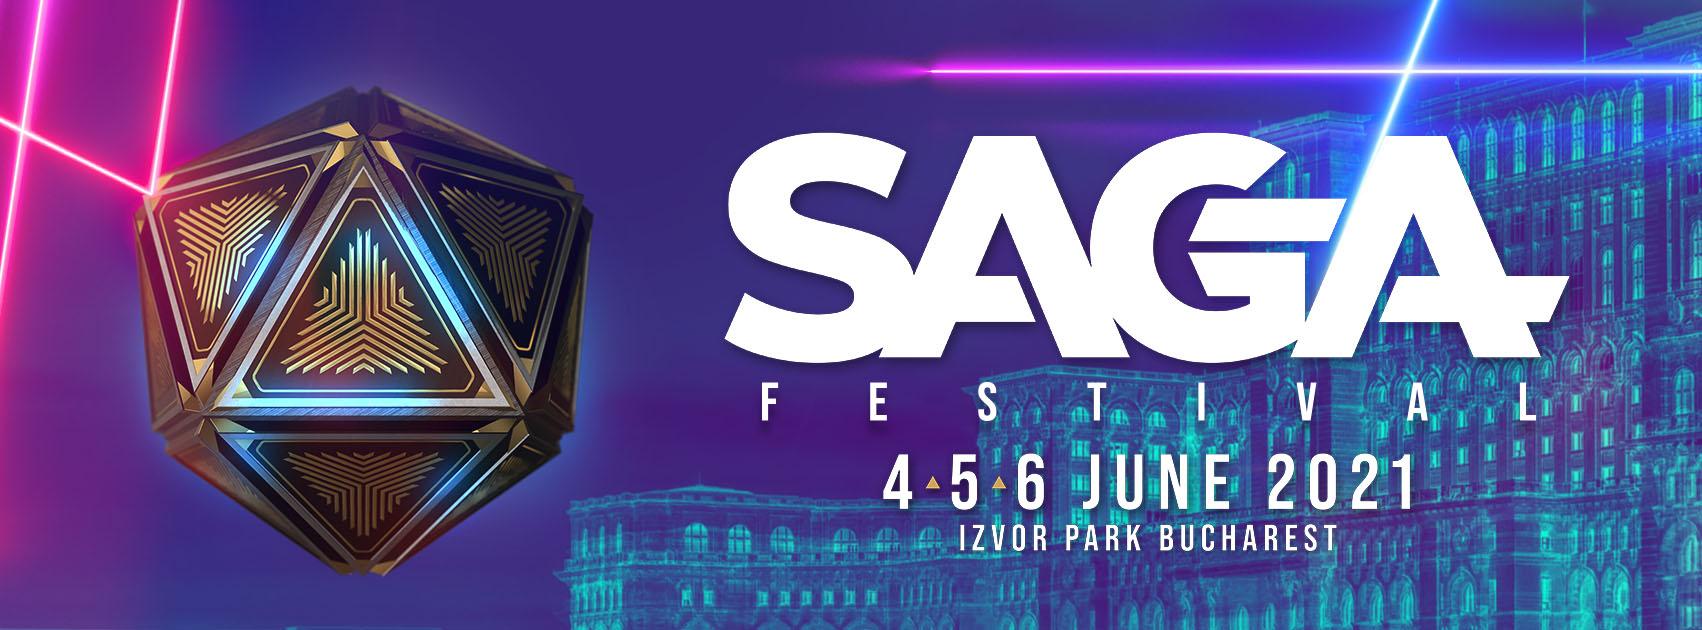 Тур из Украины на SAGA Festival